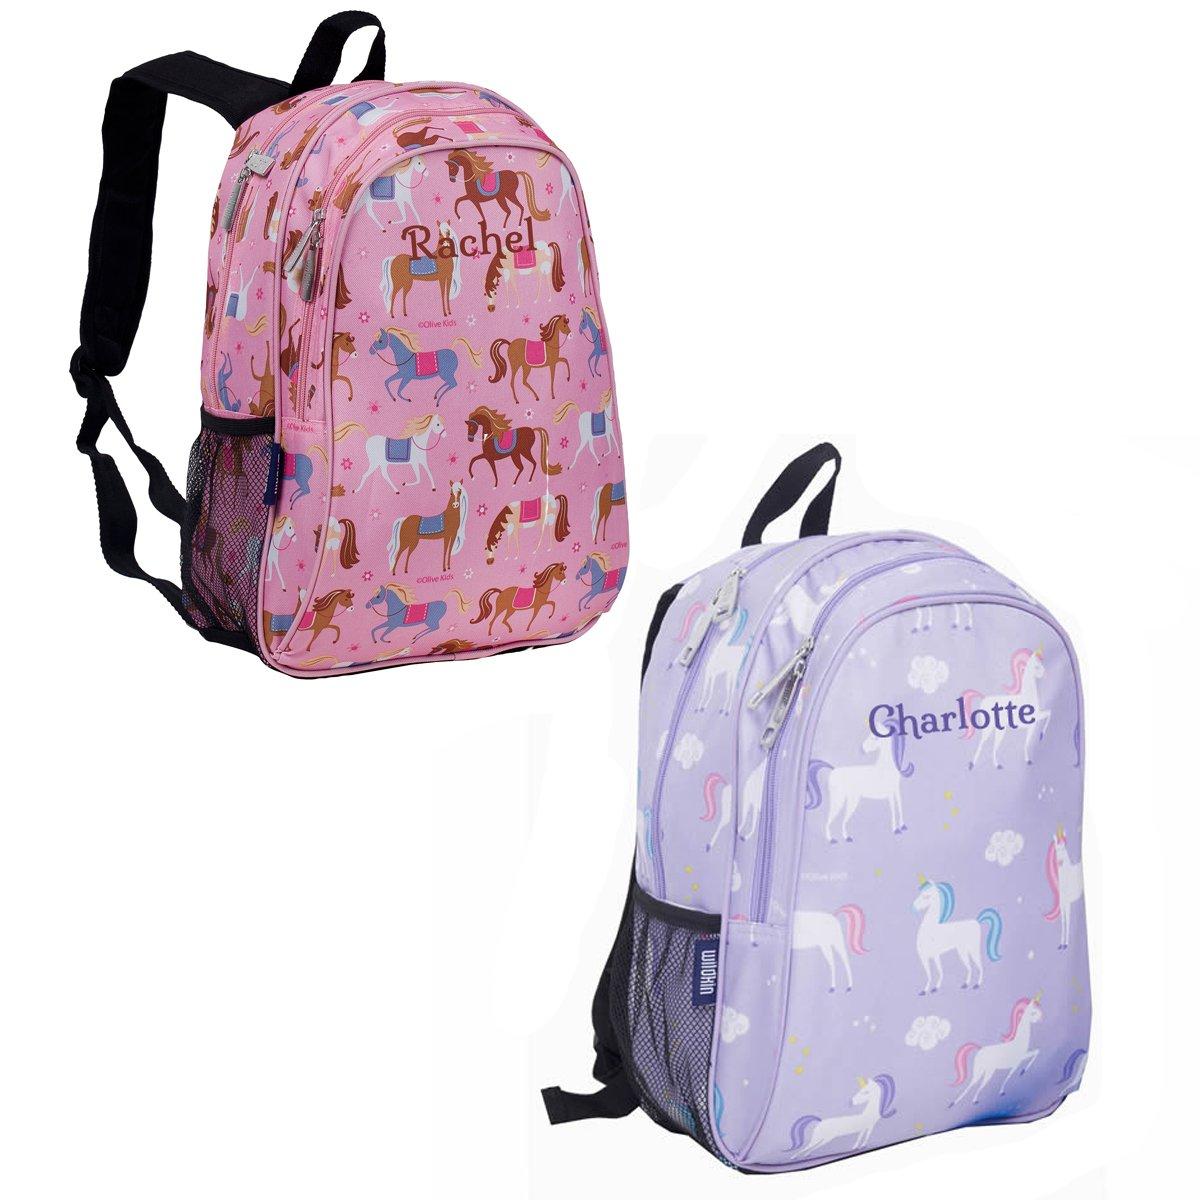 c02b3eb77c28 Personalised Kids School Bags